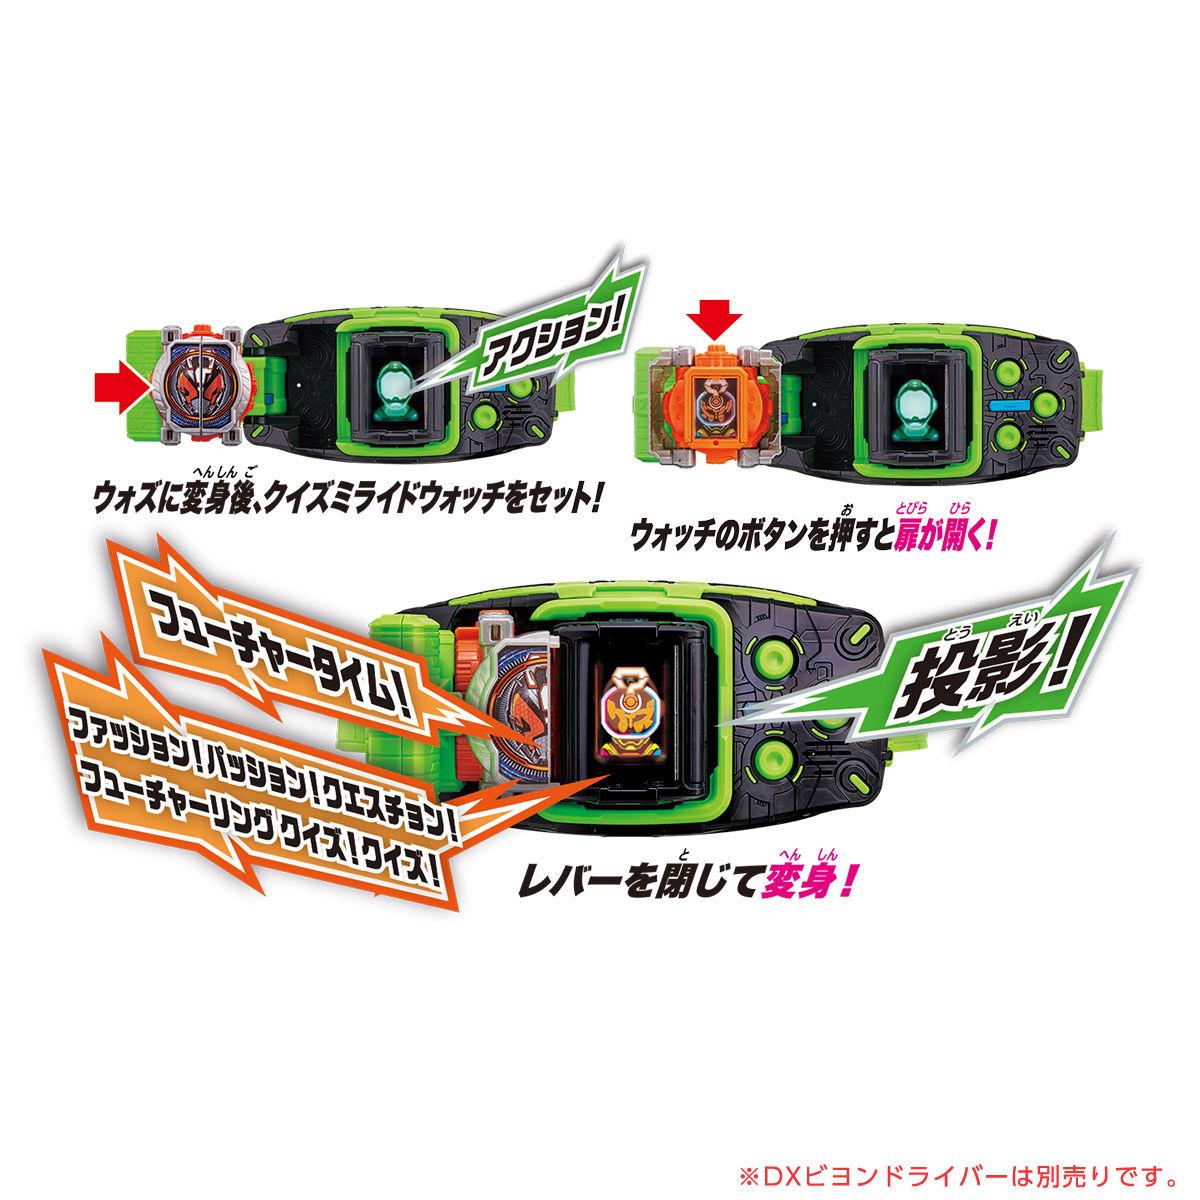 仮面ライダージオウ『DXクイズミライドウォッチ』変身なりきり-007